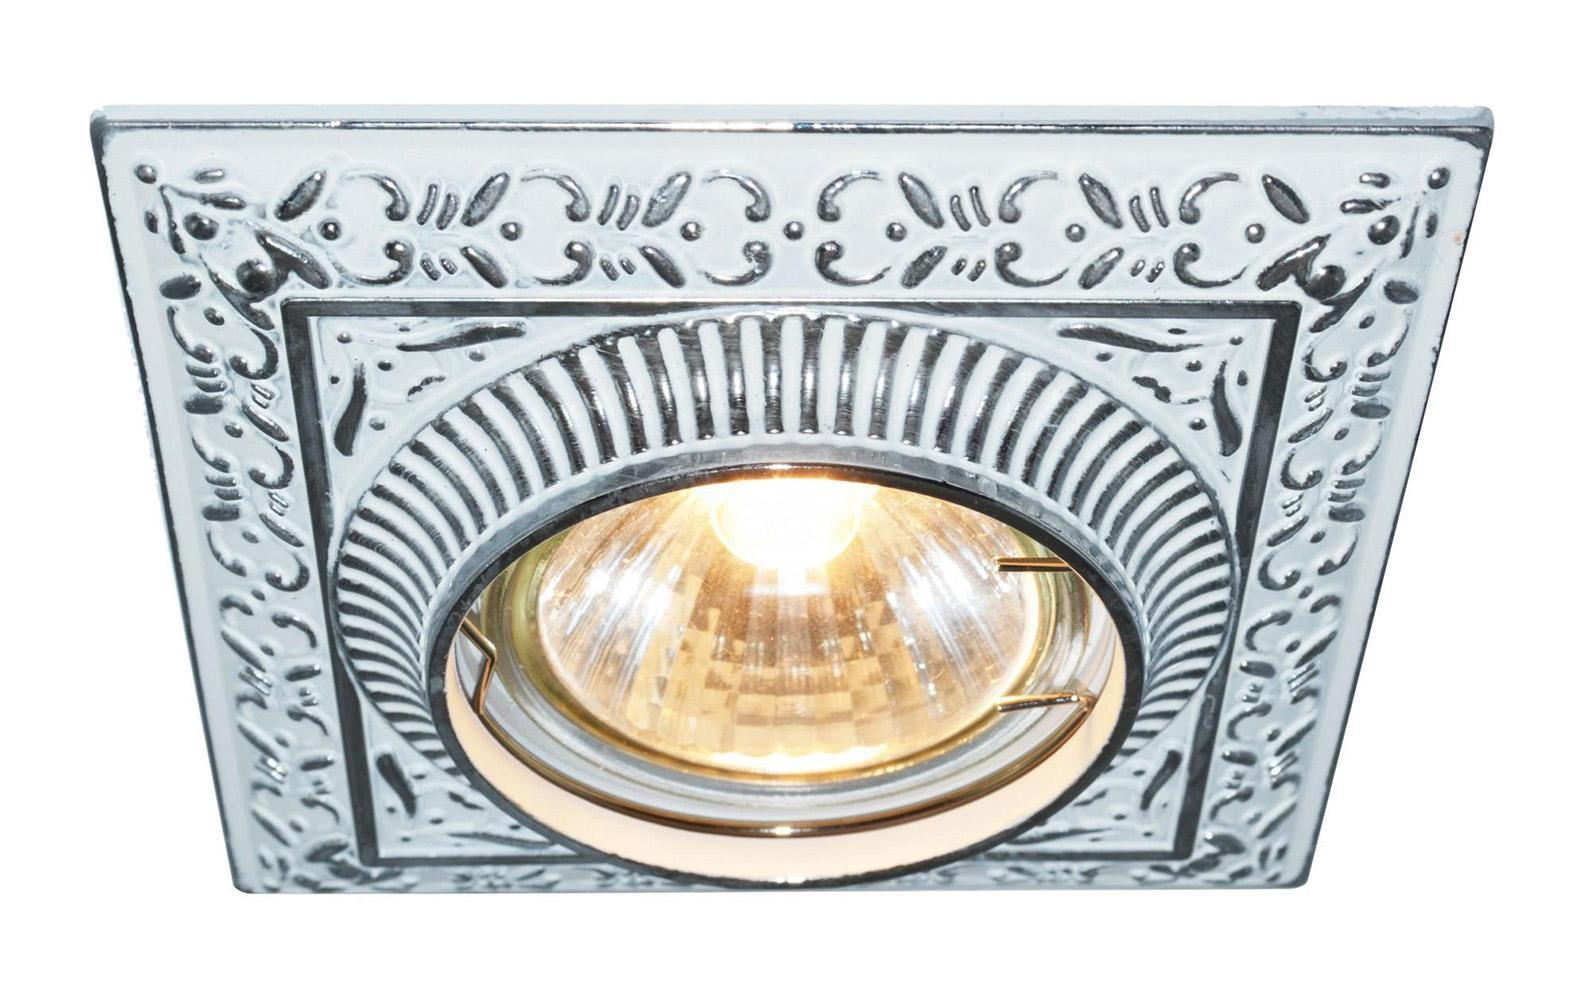 A5284PL-1WA OCCHIO Встраиваемый светильникA5284PL-1WA1x50W; патроны GU10 и G5,3 в комплекте Материал: Арматура: Металл, литьеРазмер: 100x100x45Цвет: Античный белый